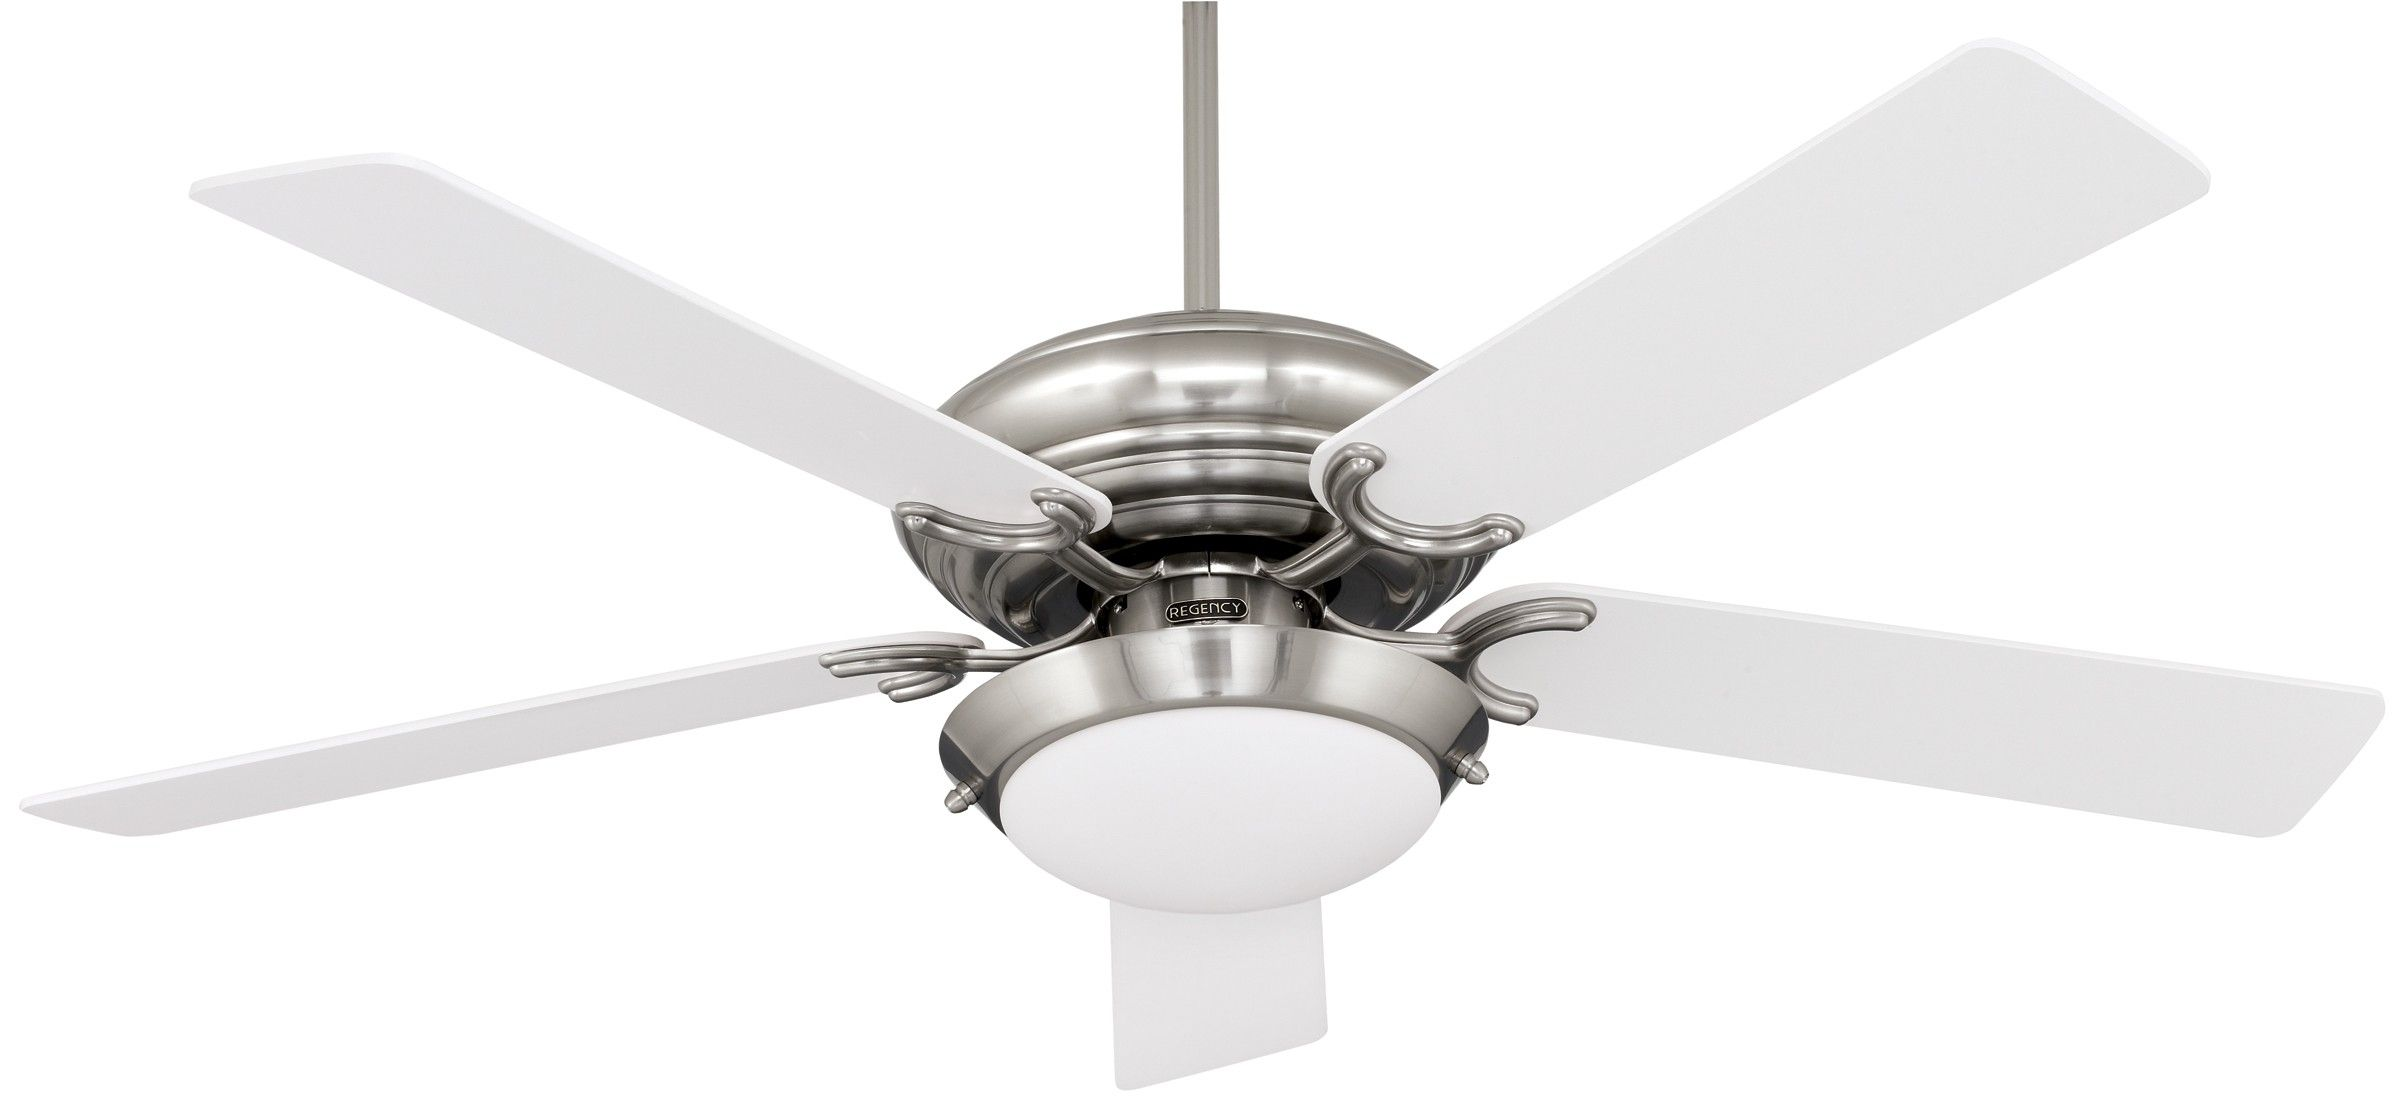 Ceiling Fan Blade Screw Size o